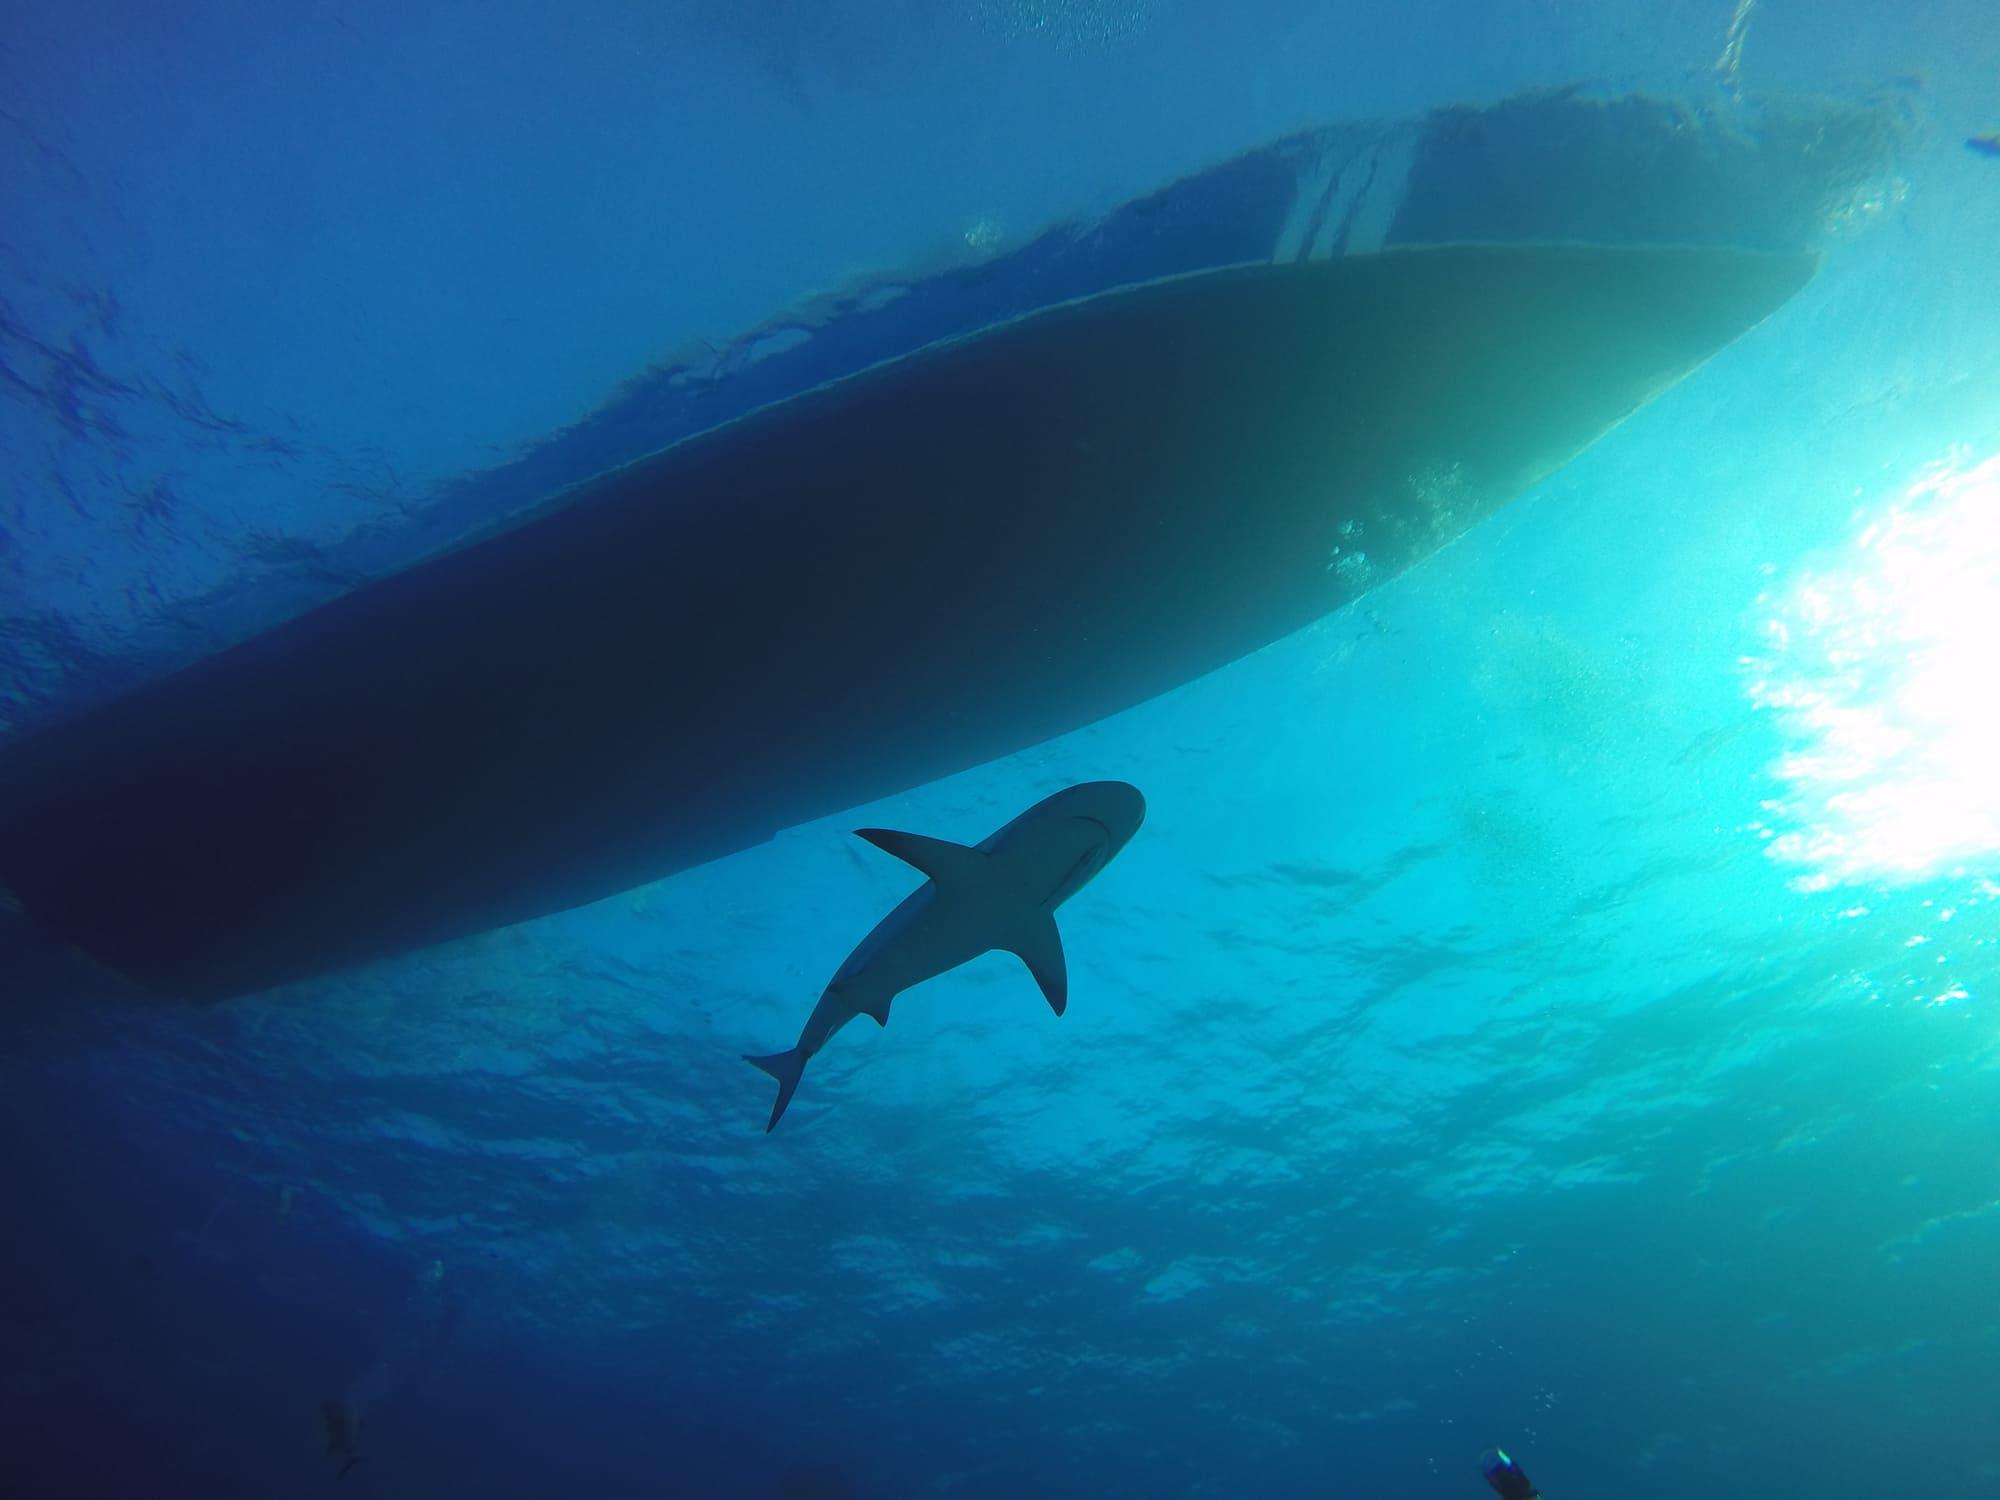 Bahamas - Shark below the boat